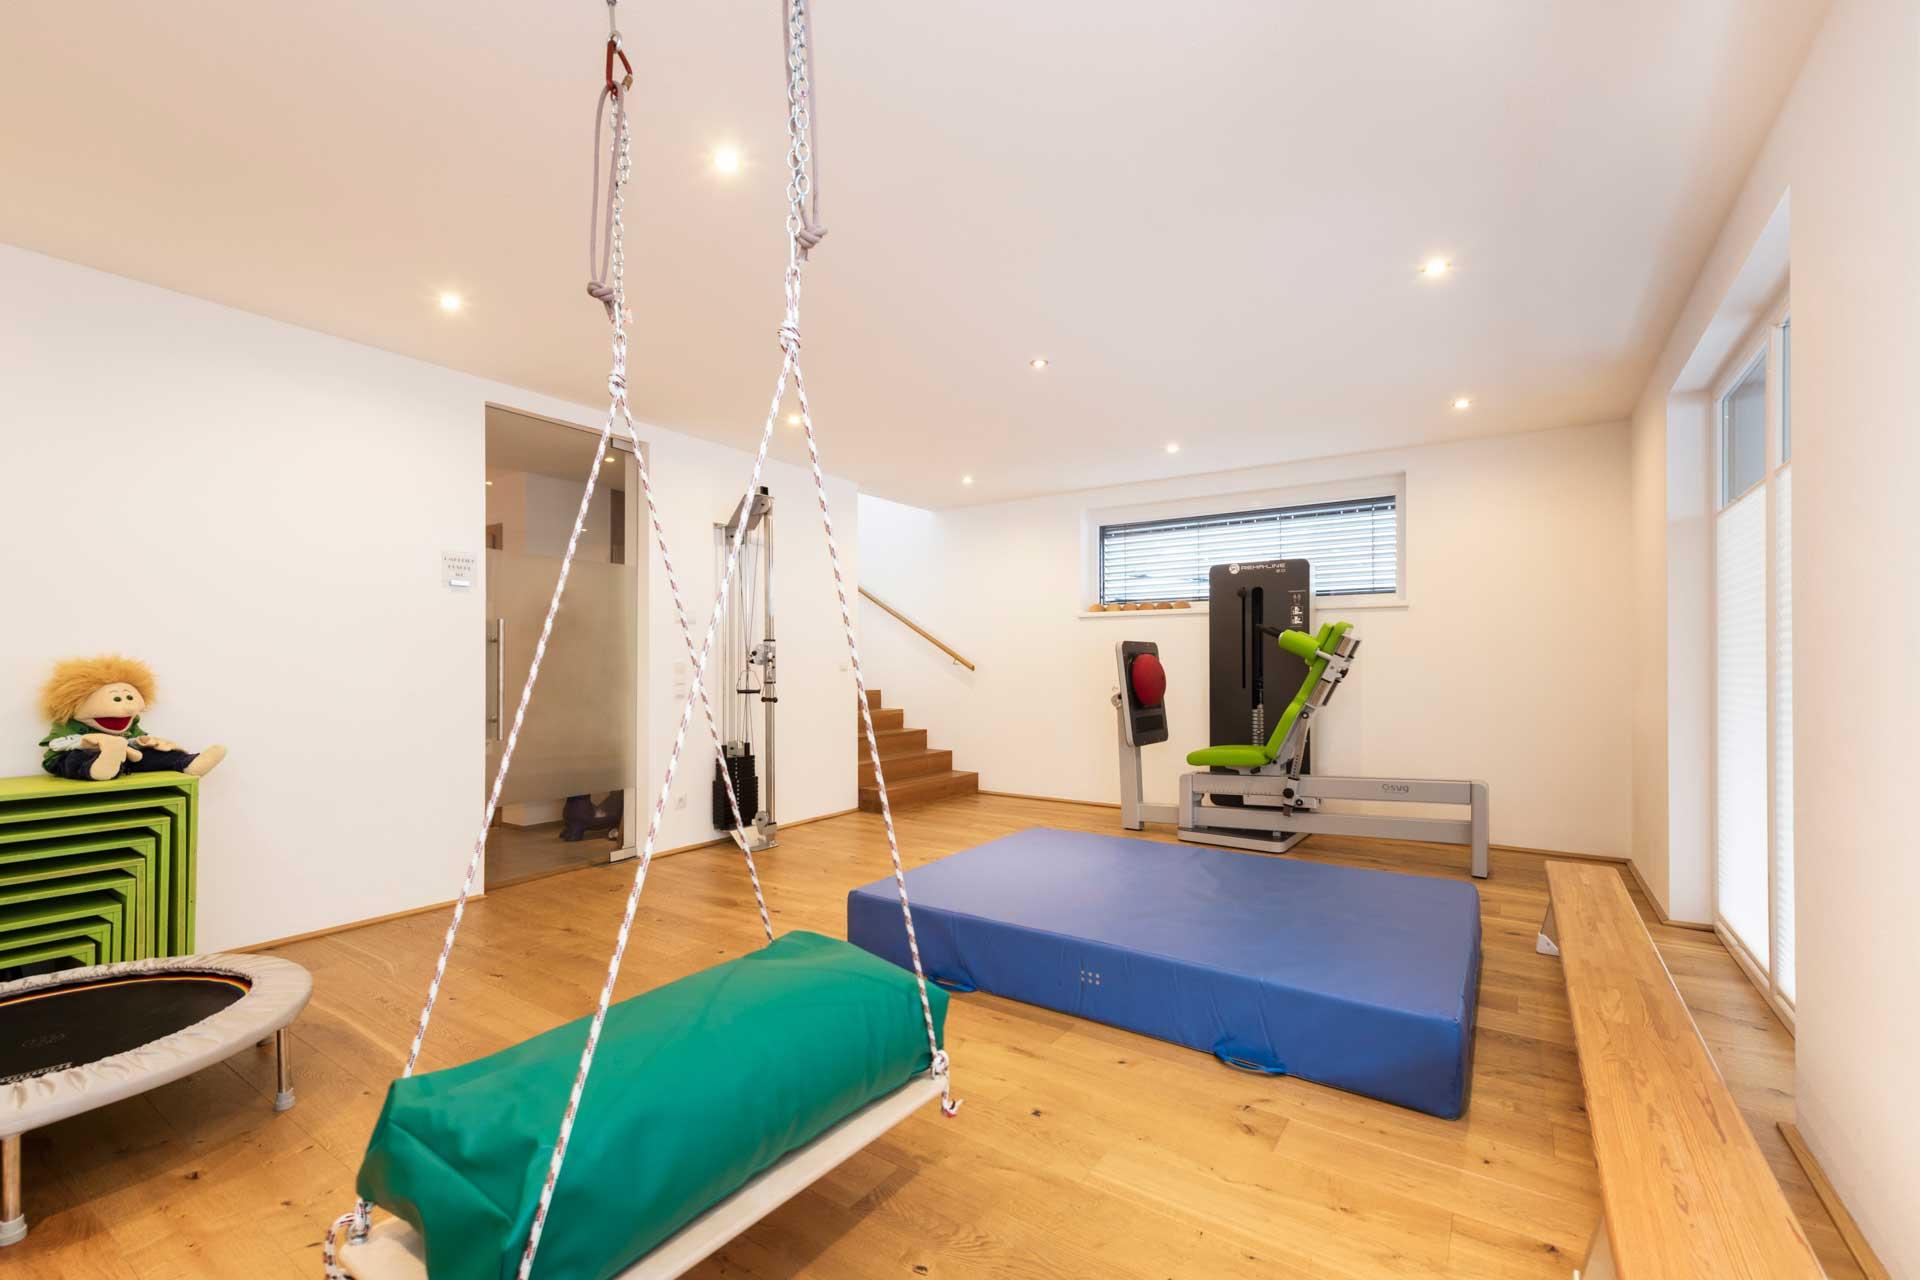 Therapiezentrum Stubai - Trainingsraum auch für Kinder